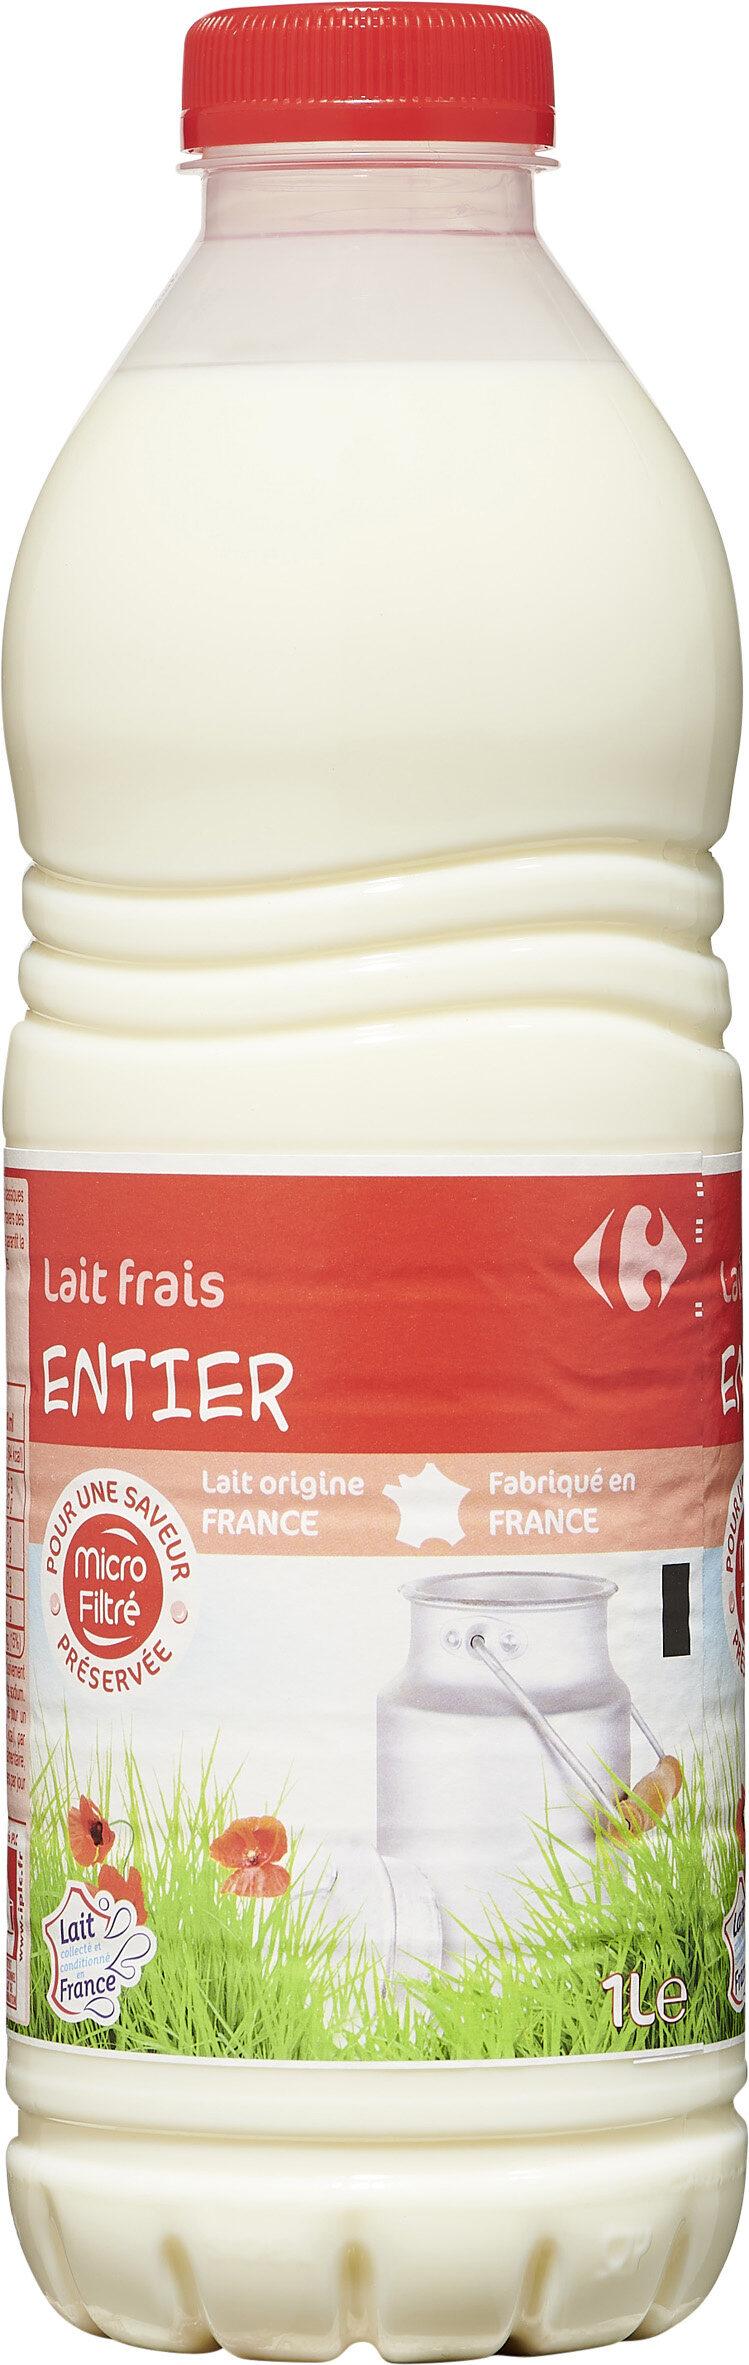 Lait frais ENTIER - Prodotto - fr